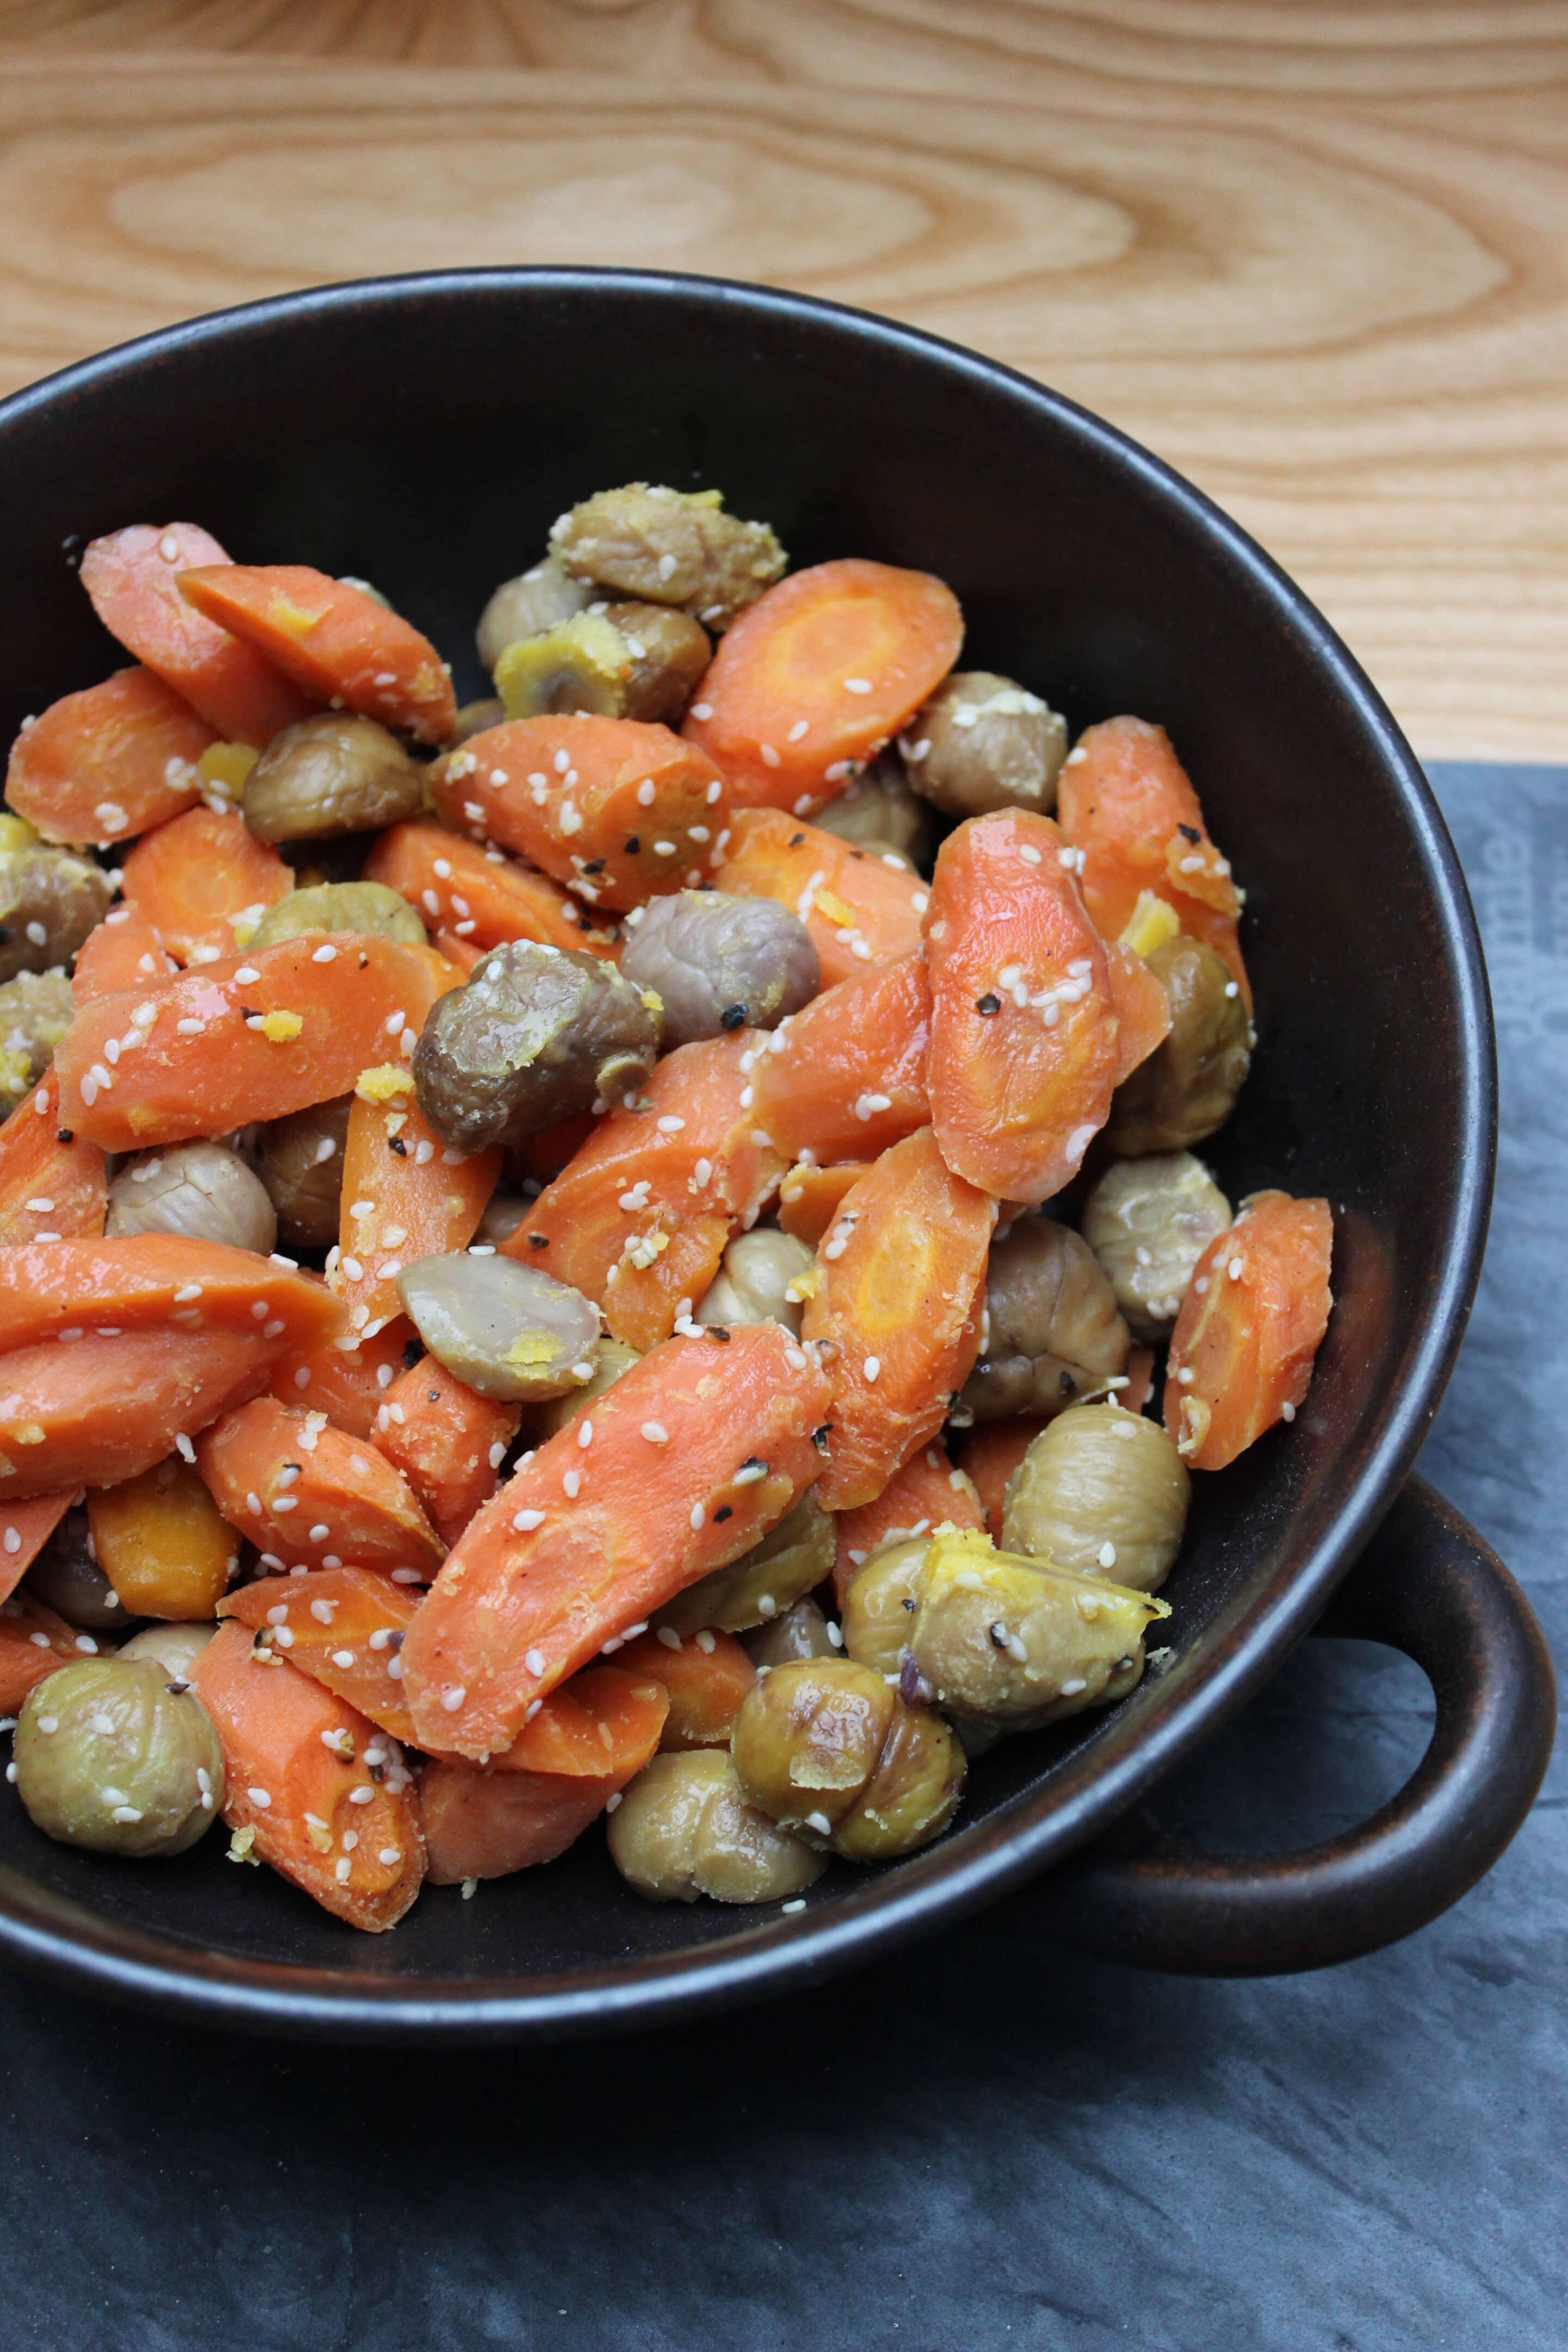 Karotten-Maronen-Suppe mit Sesam oder was Michael Mittermeier zum Dinner isst